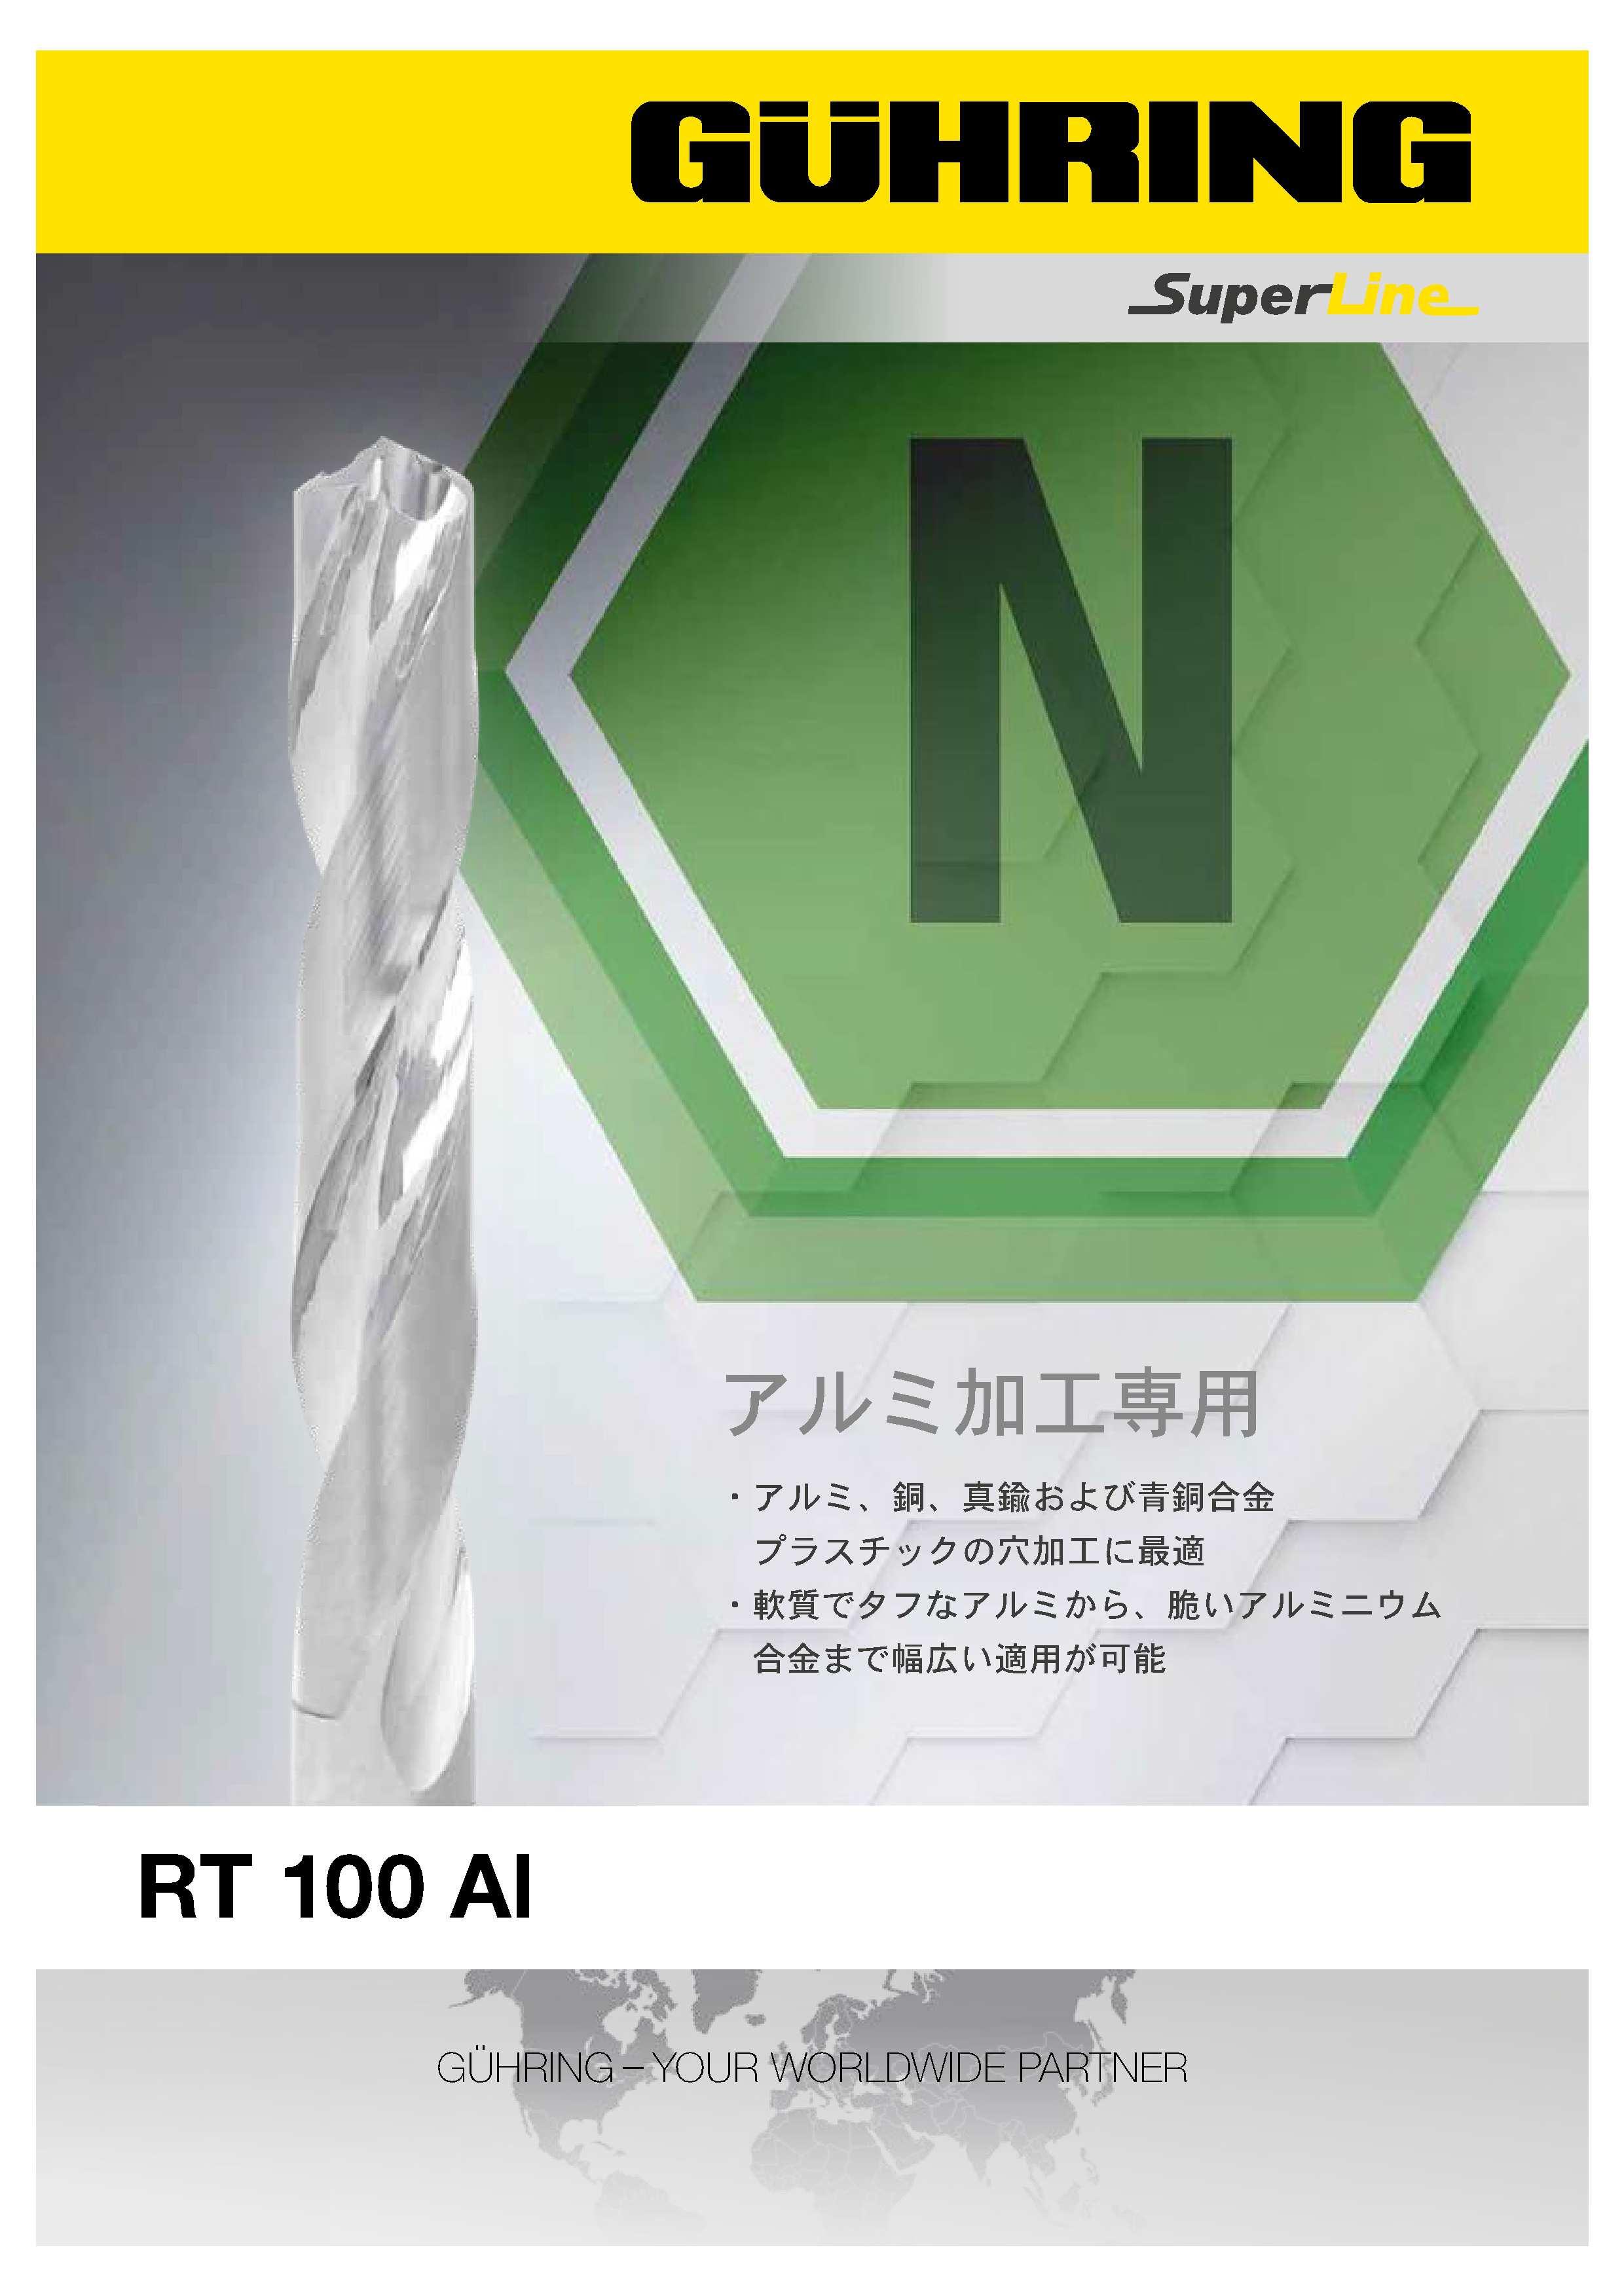 RT100 Al